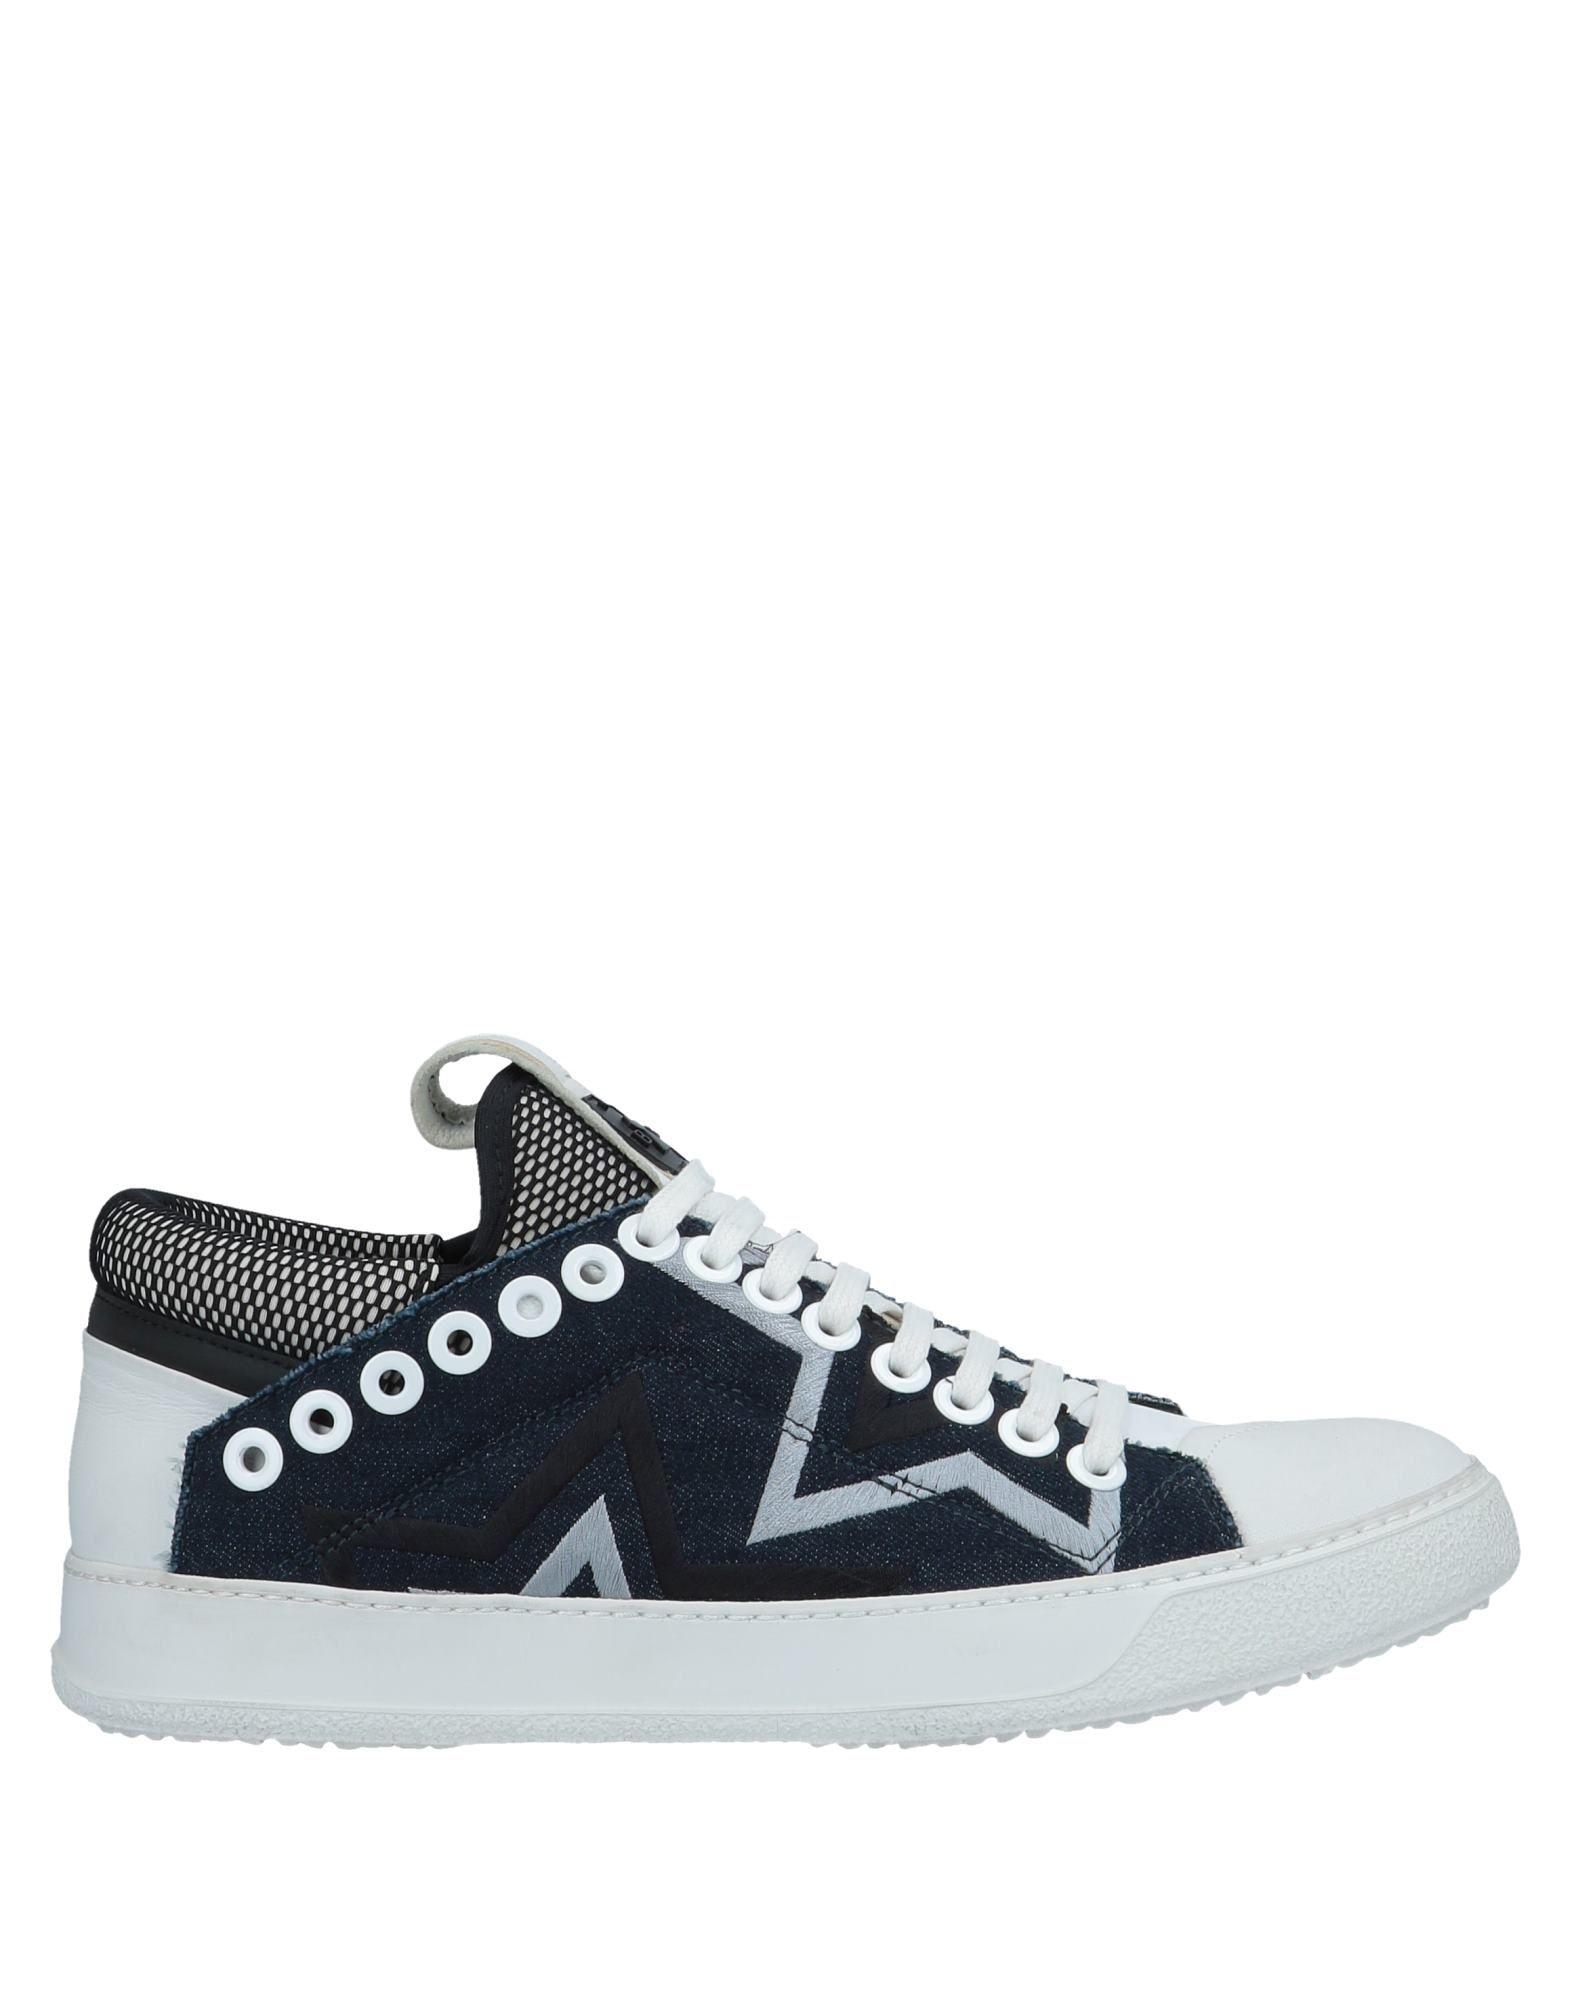 Bruno Bordese Uomo - stivali e scarpe da uomo online su YOOX Italy f179bdfb0e9